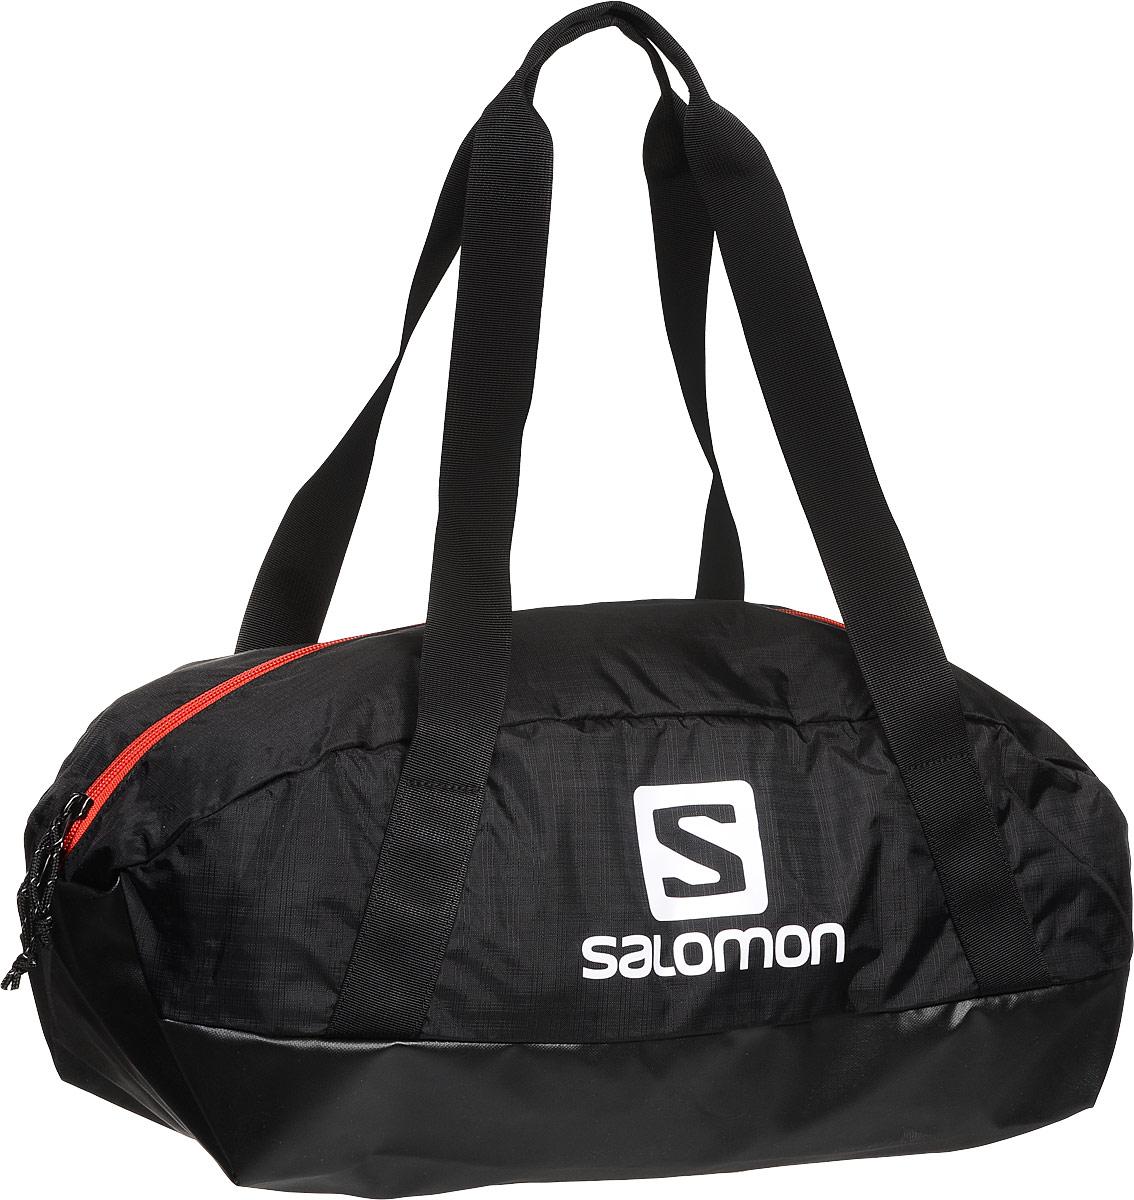 Сумка спортивная Salomon Prolog 25 Bag, цвет: черный, 25 л. L38002300